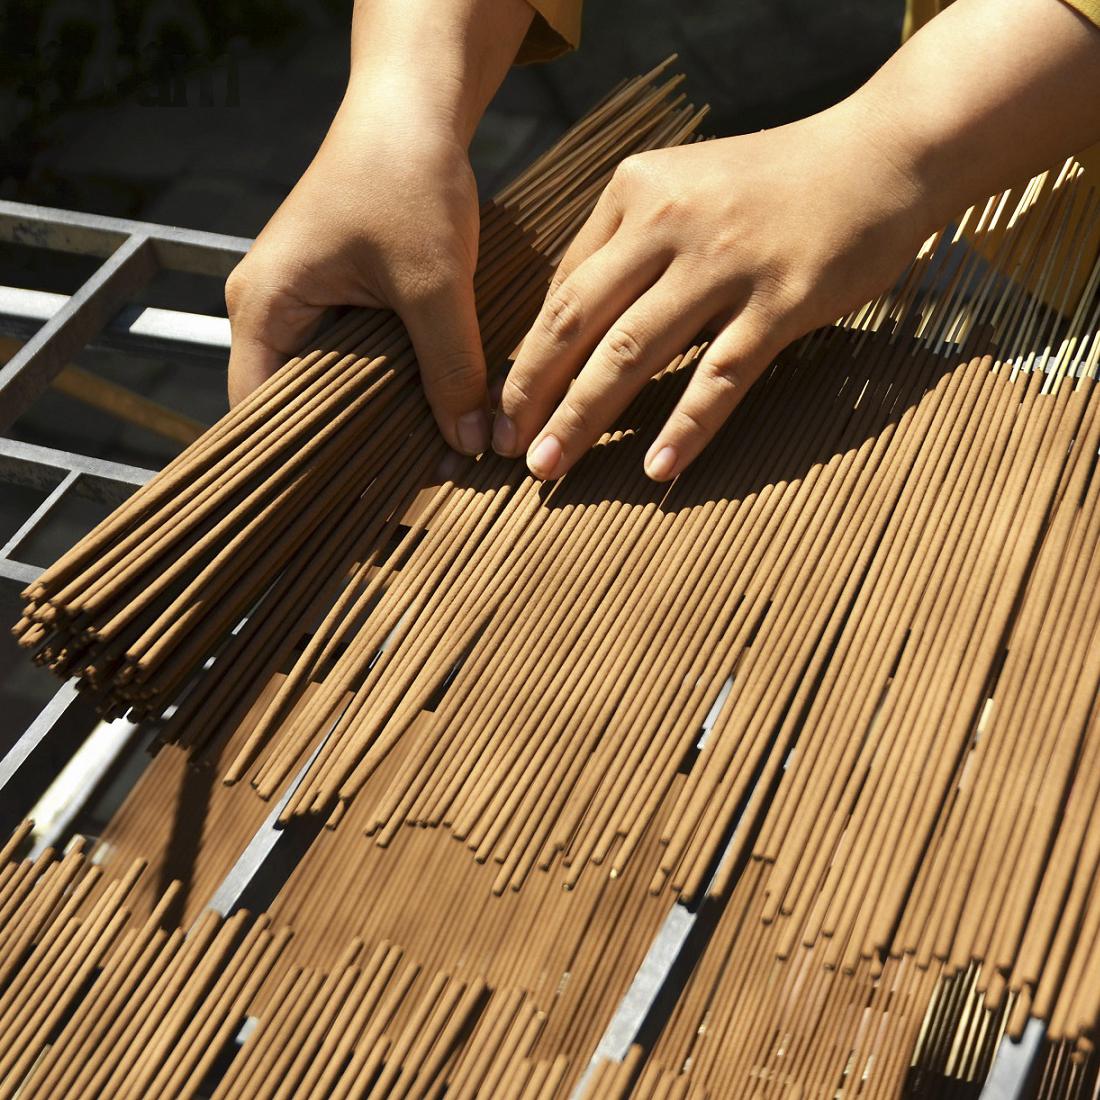 Nhang Sen Thuần Khiết (Hương Sen) Liên Tâm 38cm 90 cây - Ít khói, dịu nhẹ, 100% Đài sen thiên nhiên